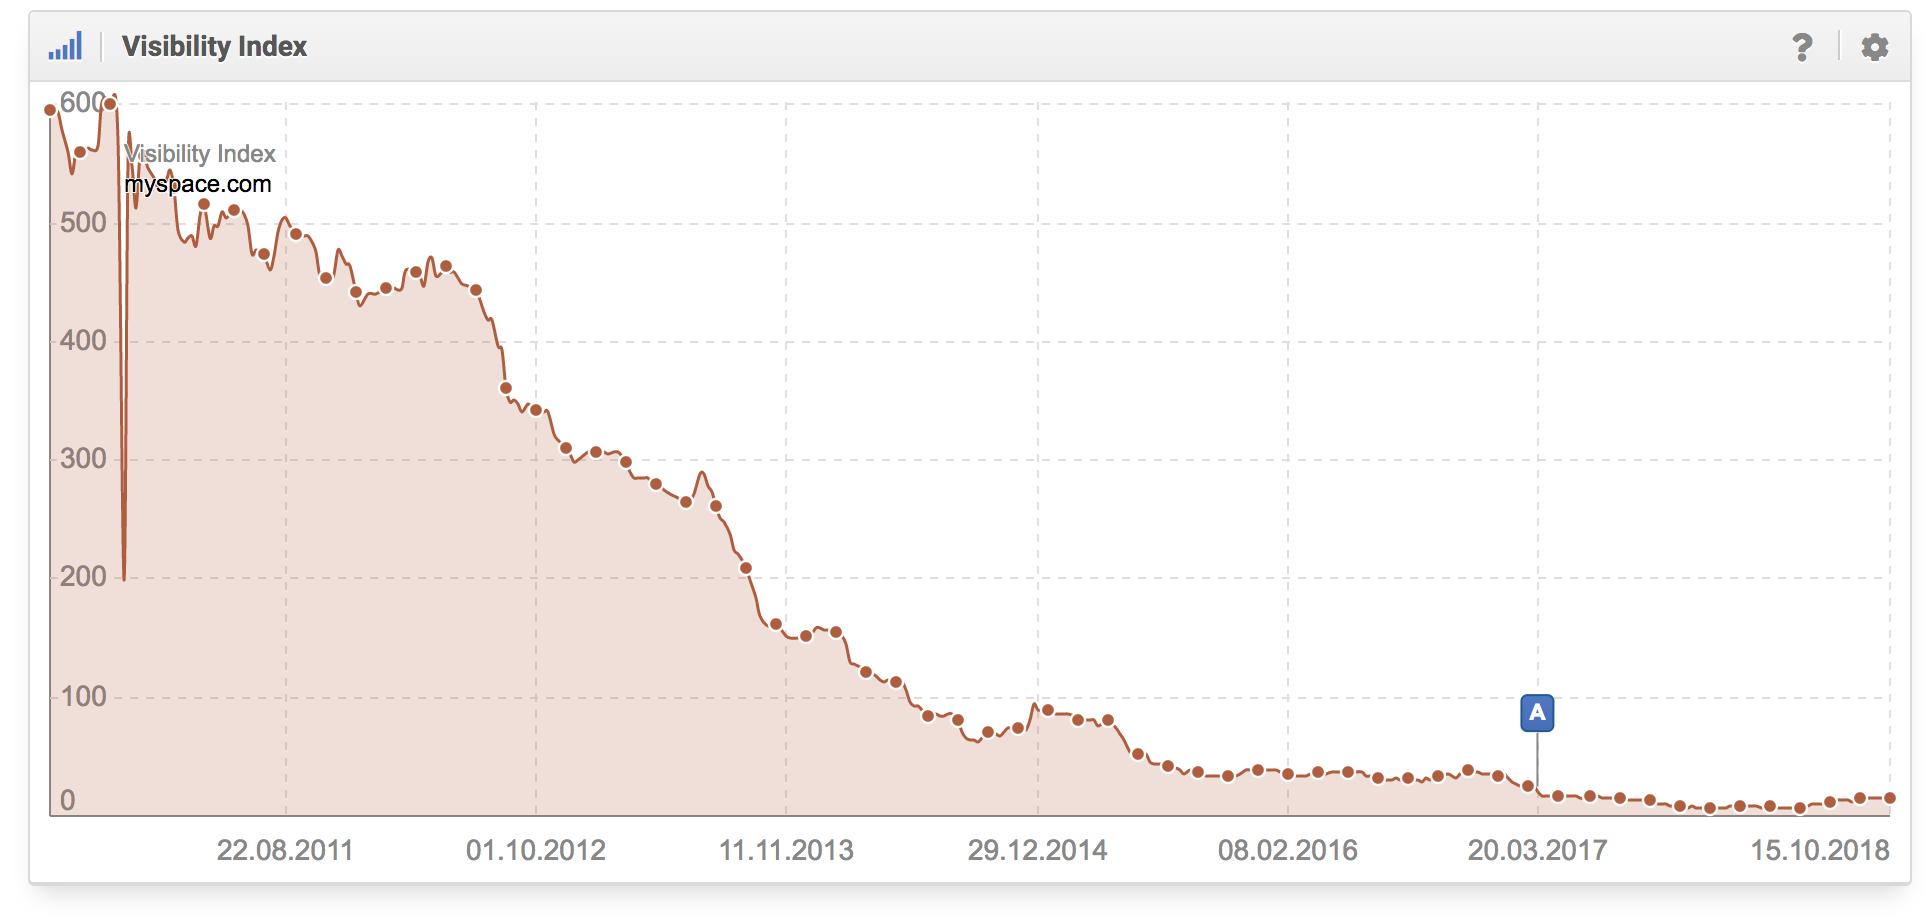 Histórico del desarrollo de la visibilidad de myspace.com